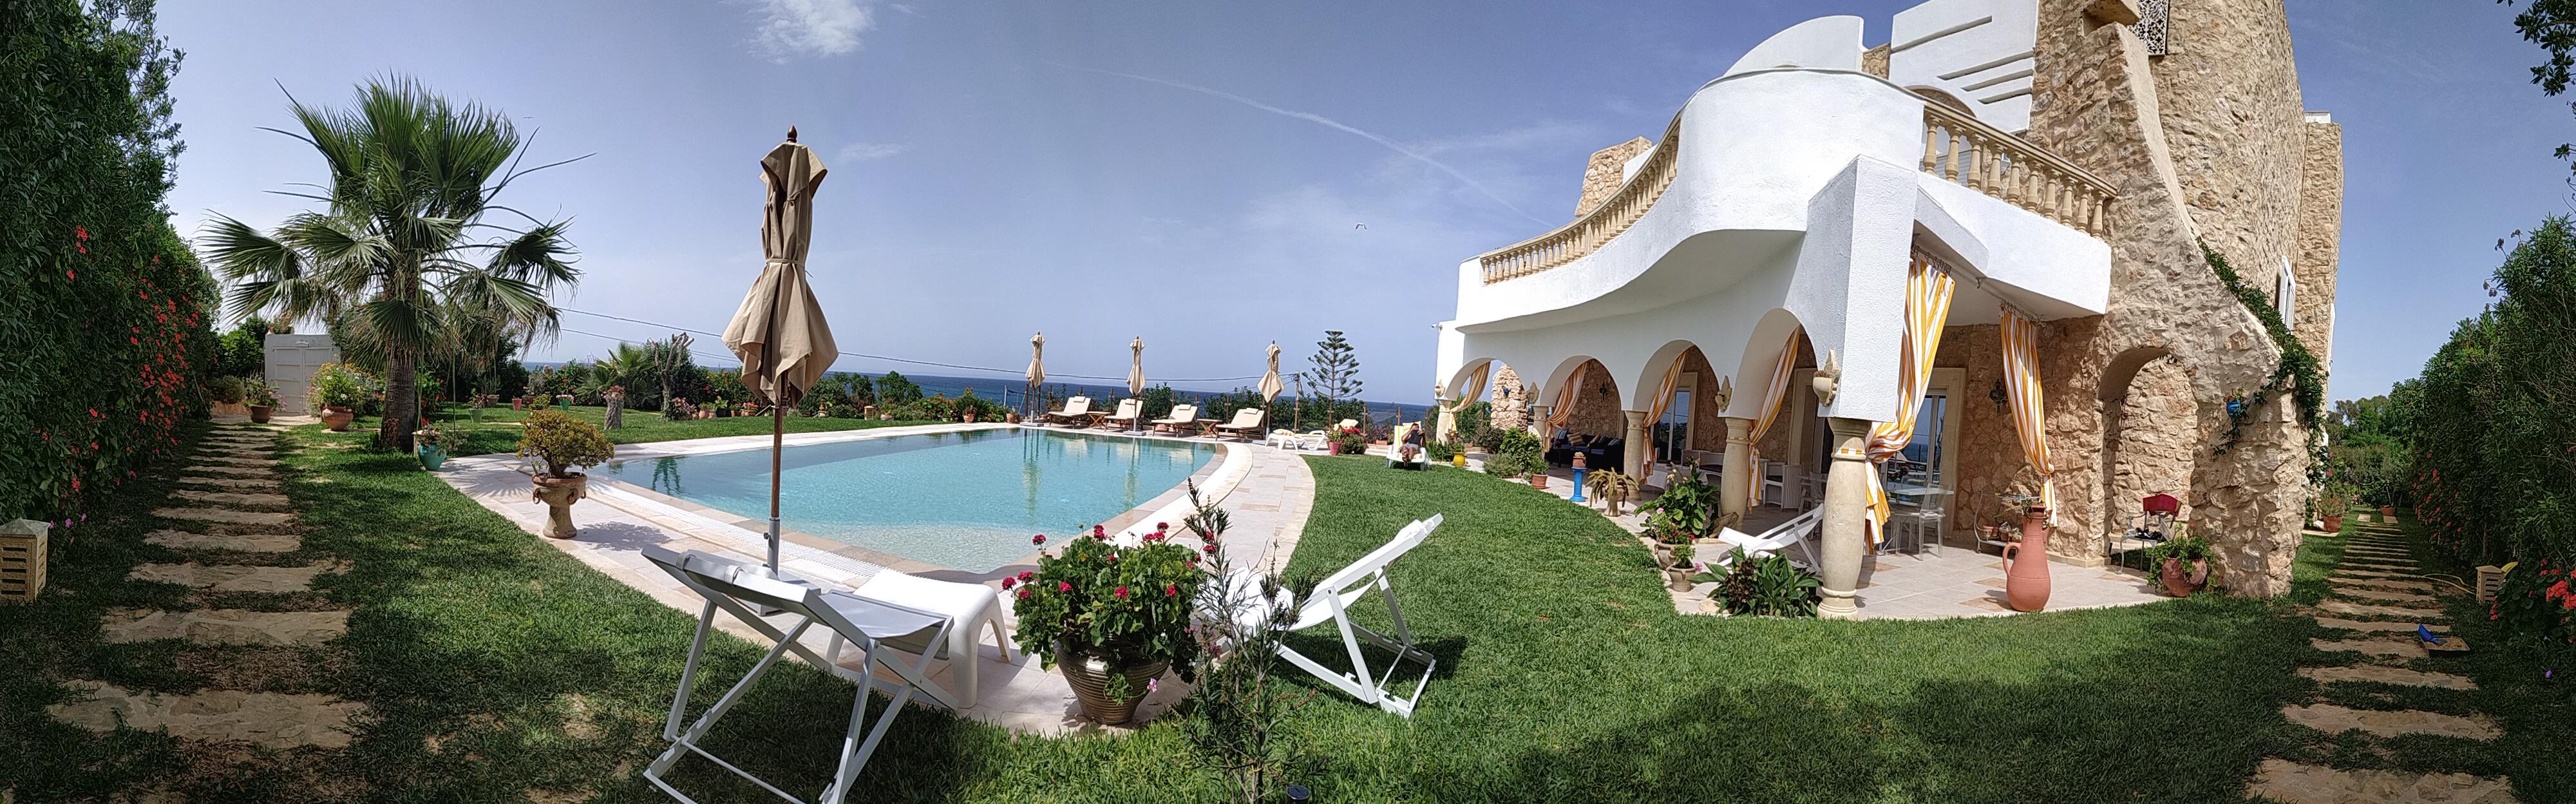 Vue panoramique sur la piscine et jardin